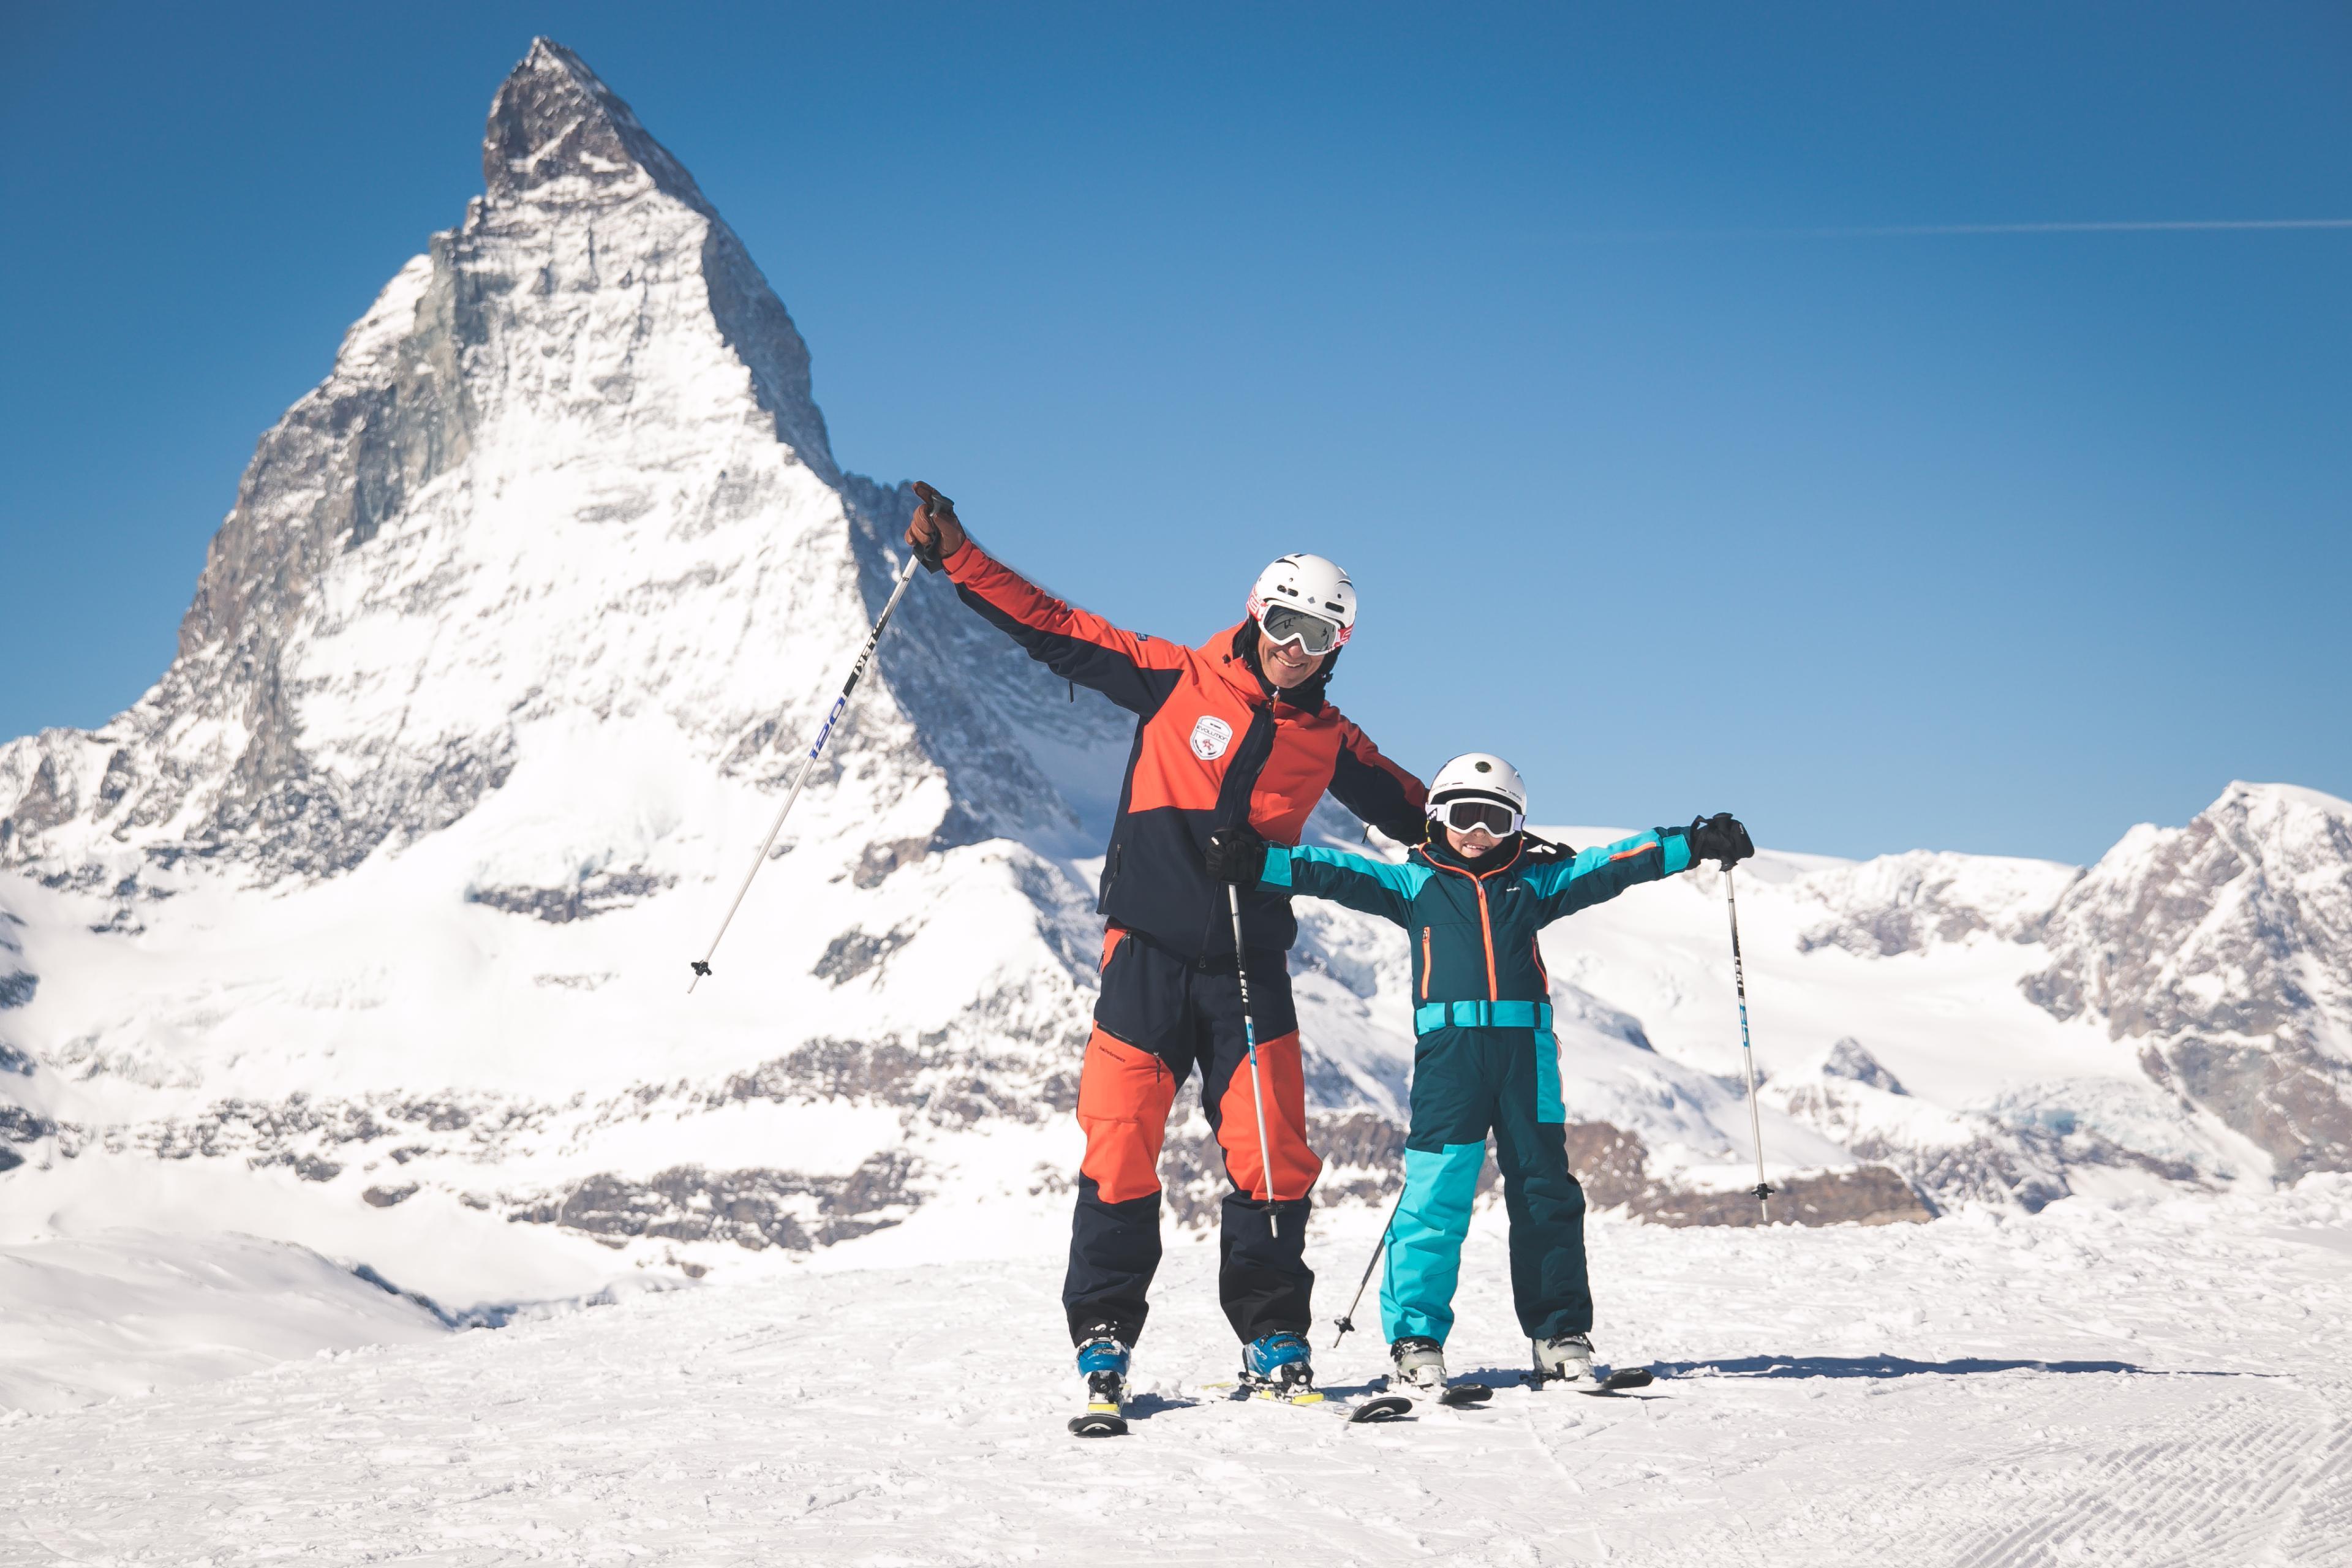 Cours de ski Enfants (7-11 ans) - Demi-journée